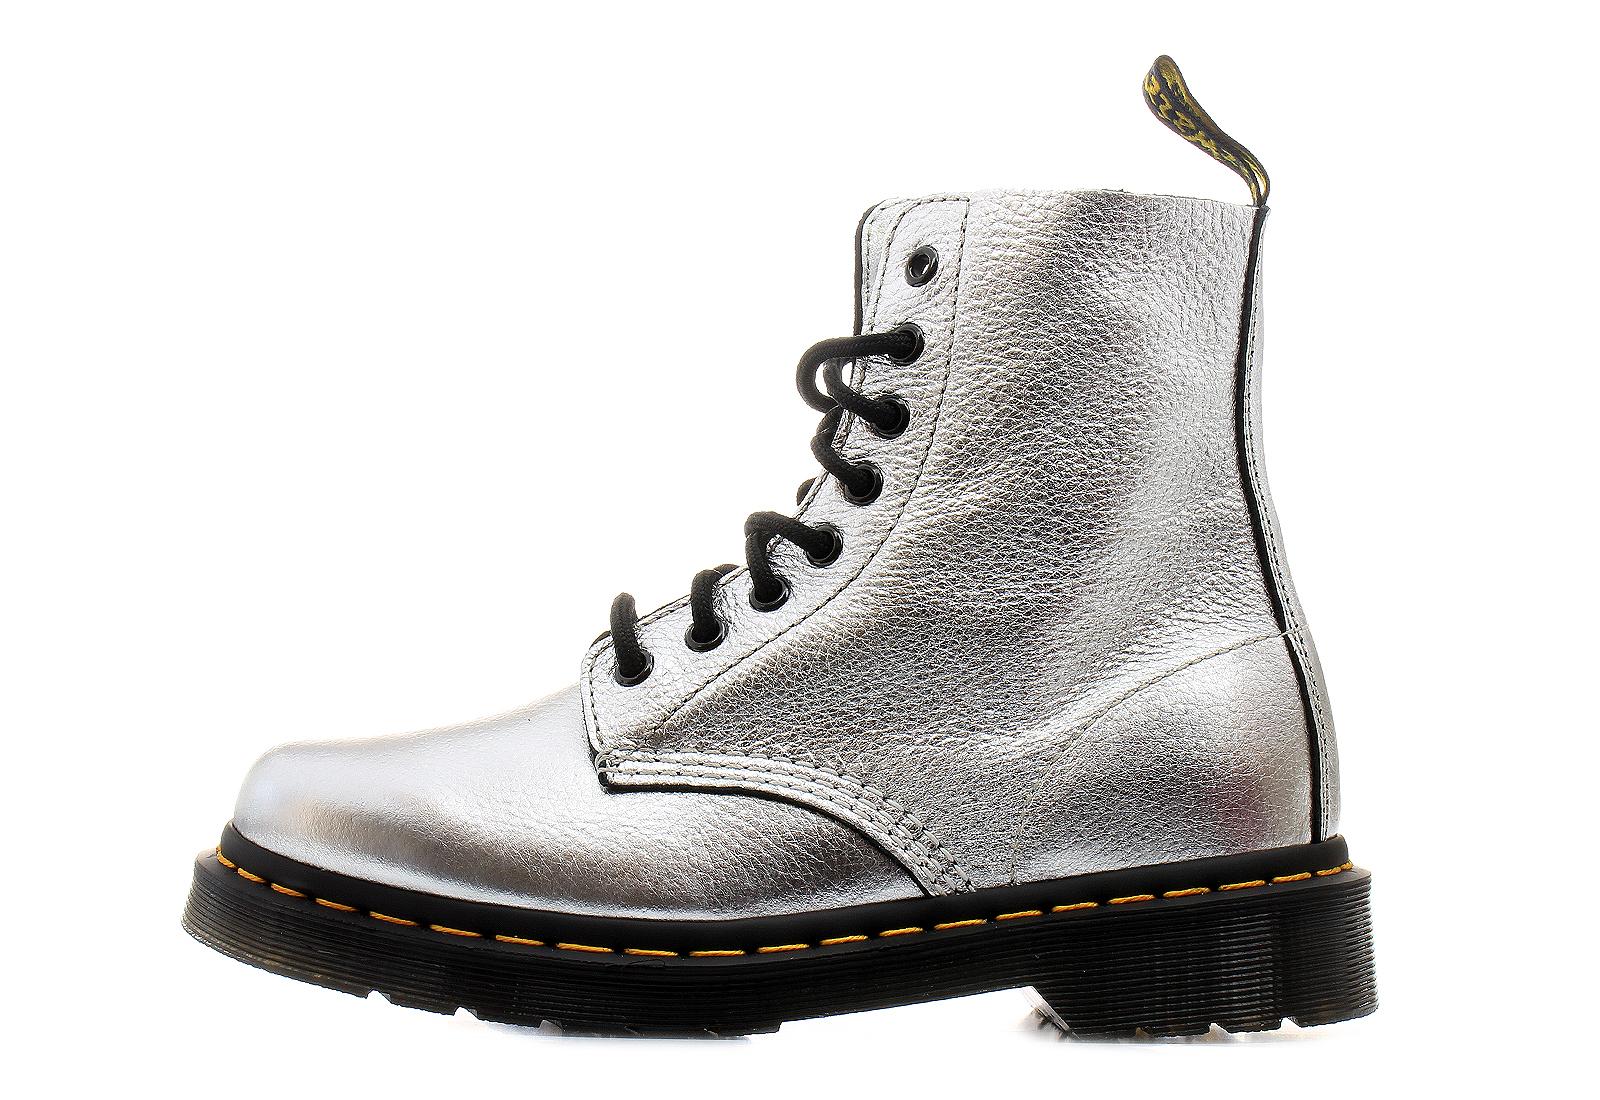 Dr Martens Bakancs - Pascal Met - 8 Eye Boot - DM22502040 - Office ... 5087a70dc2